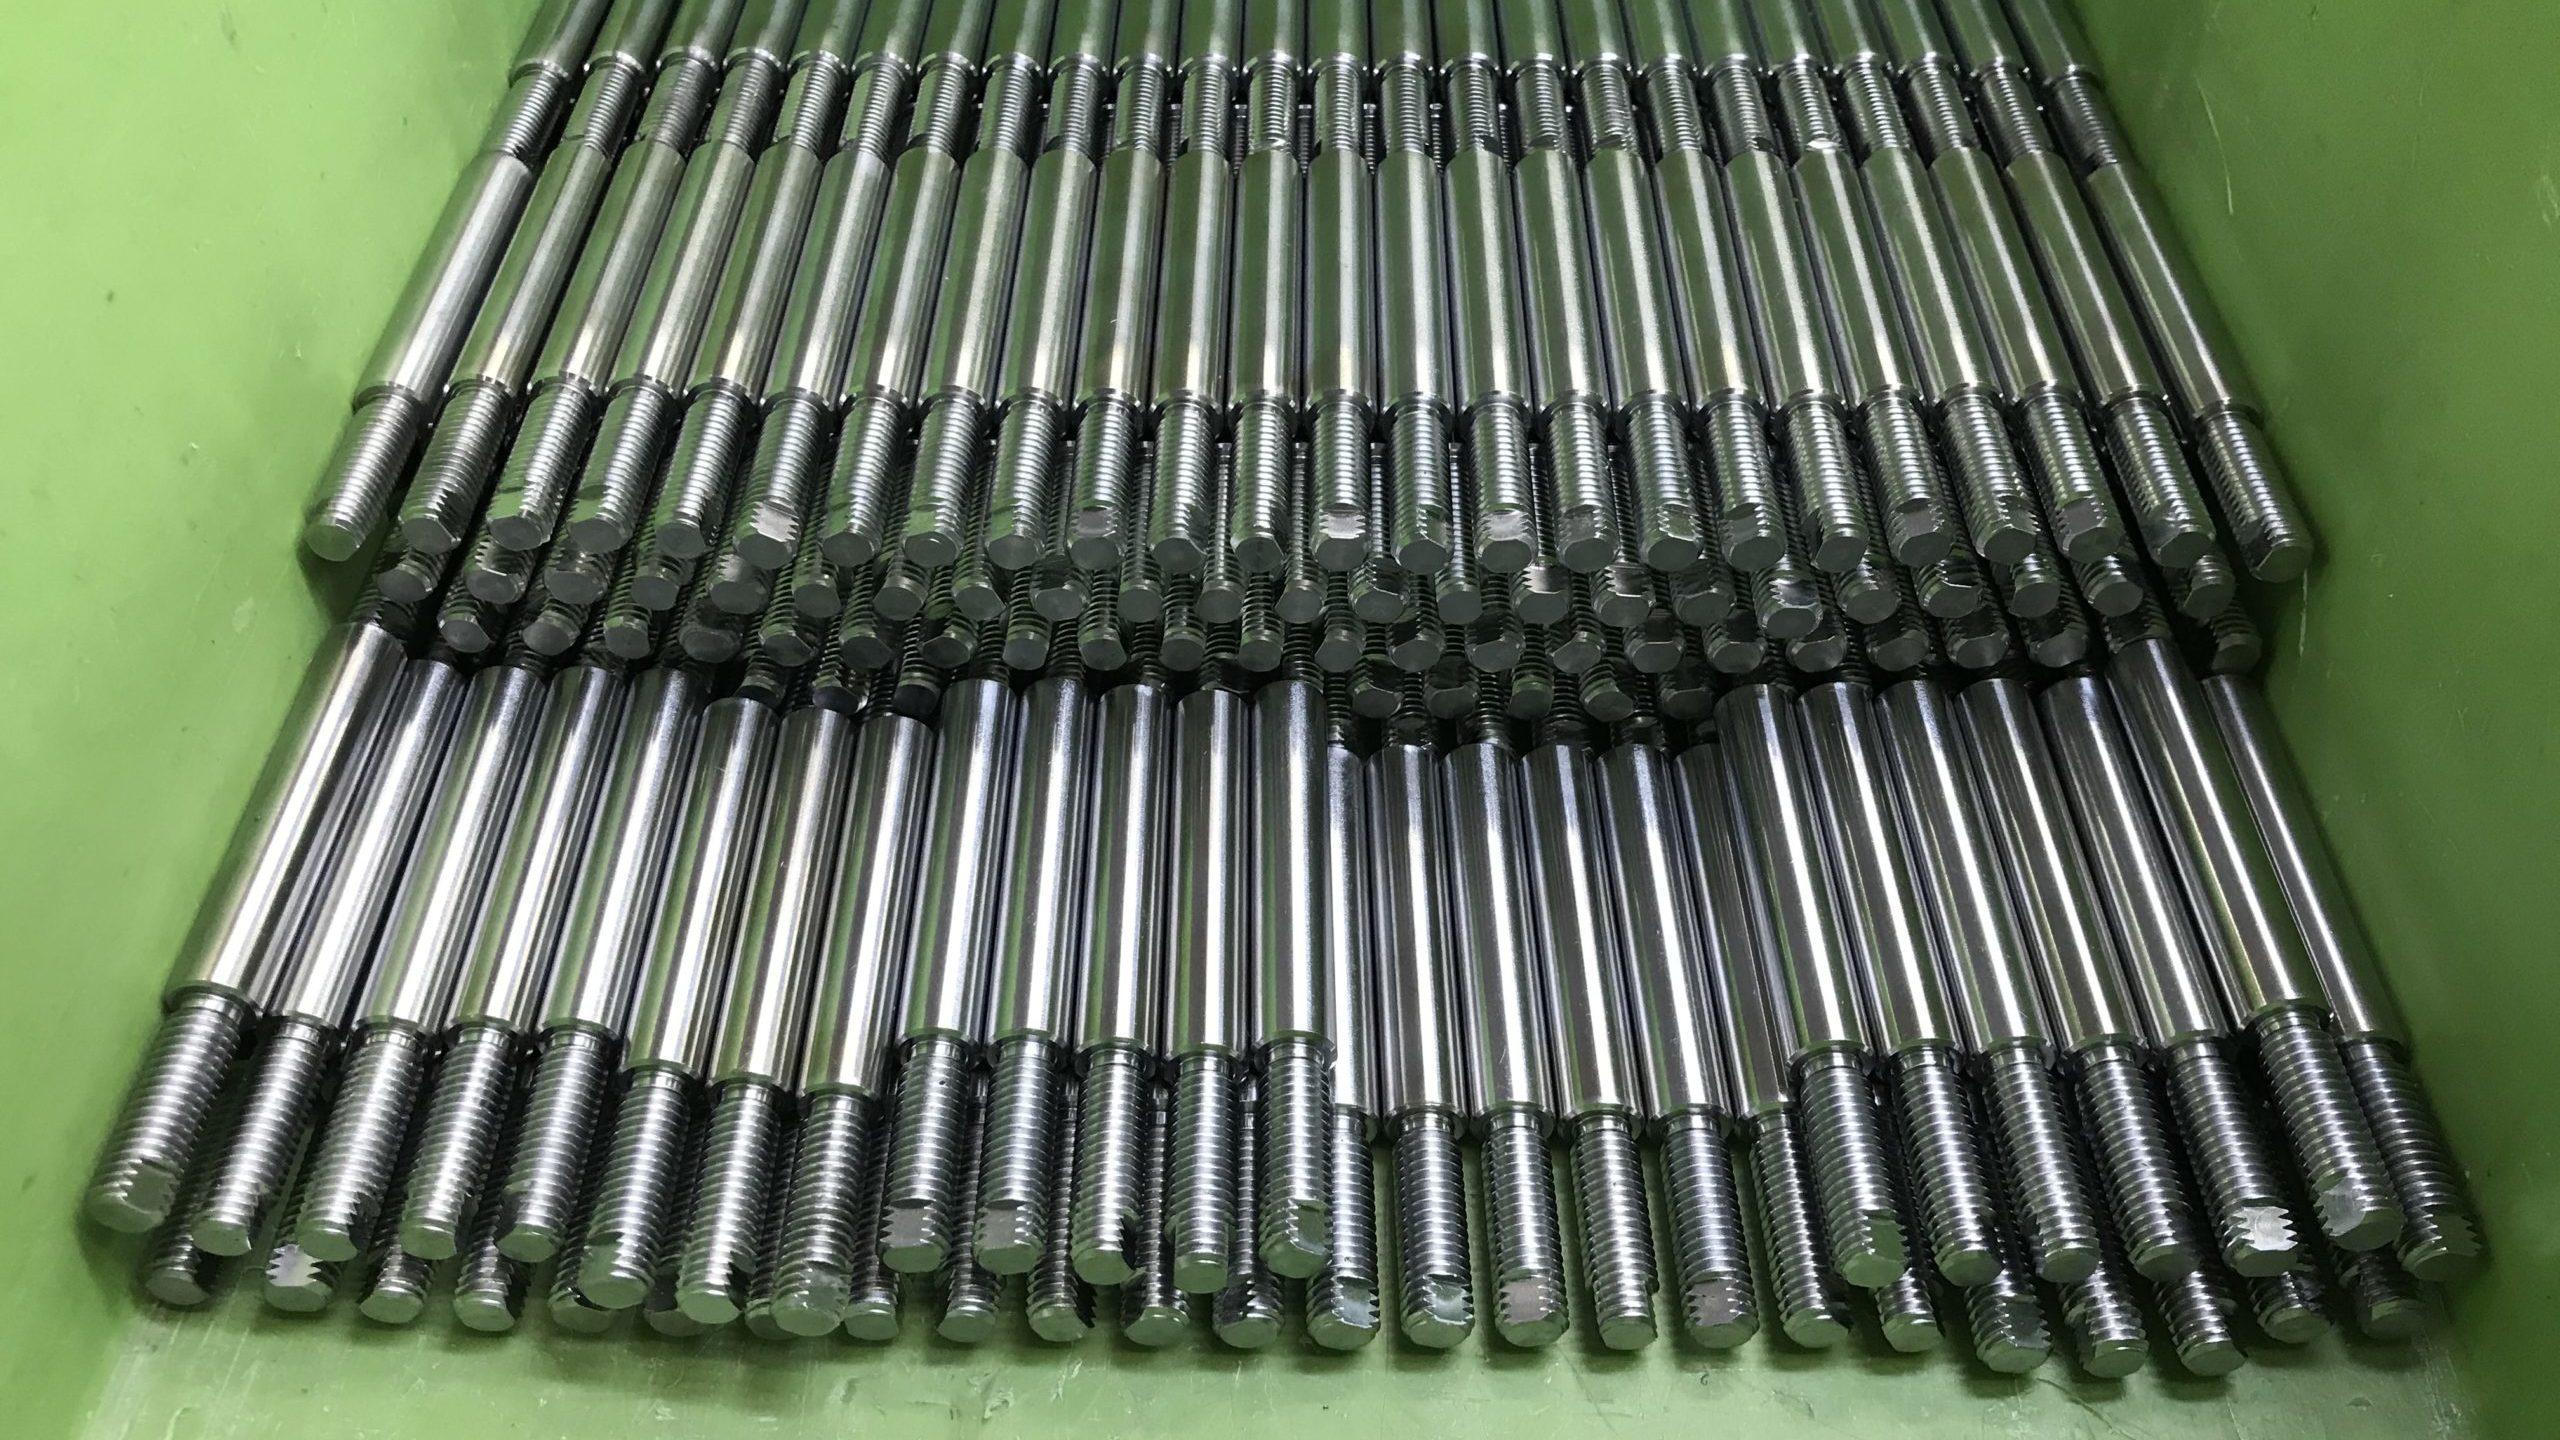 【加工部品調達】丸鋼加工部品(材質:SUJ2)ご相談受付中。